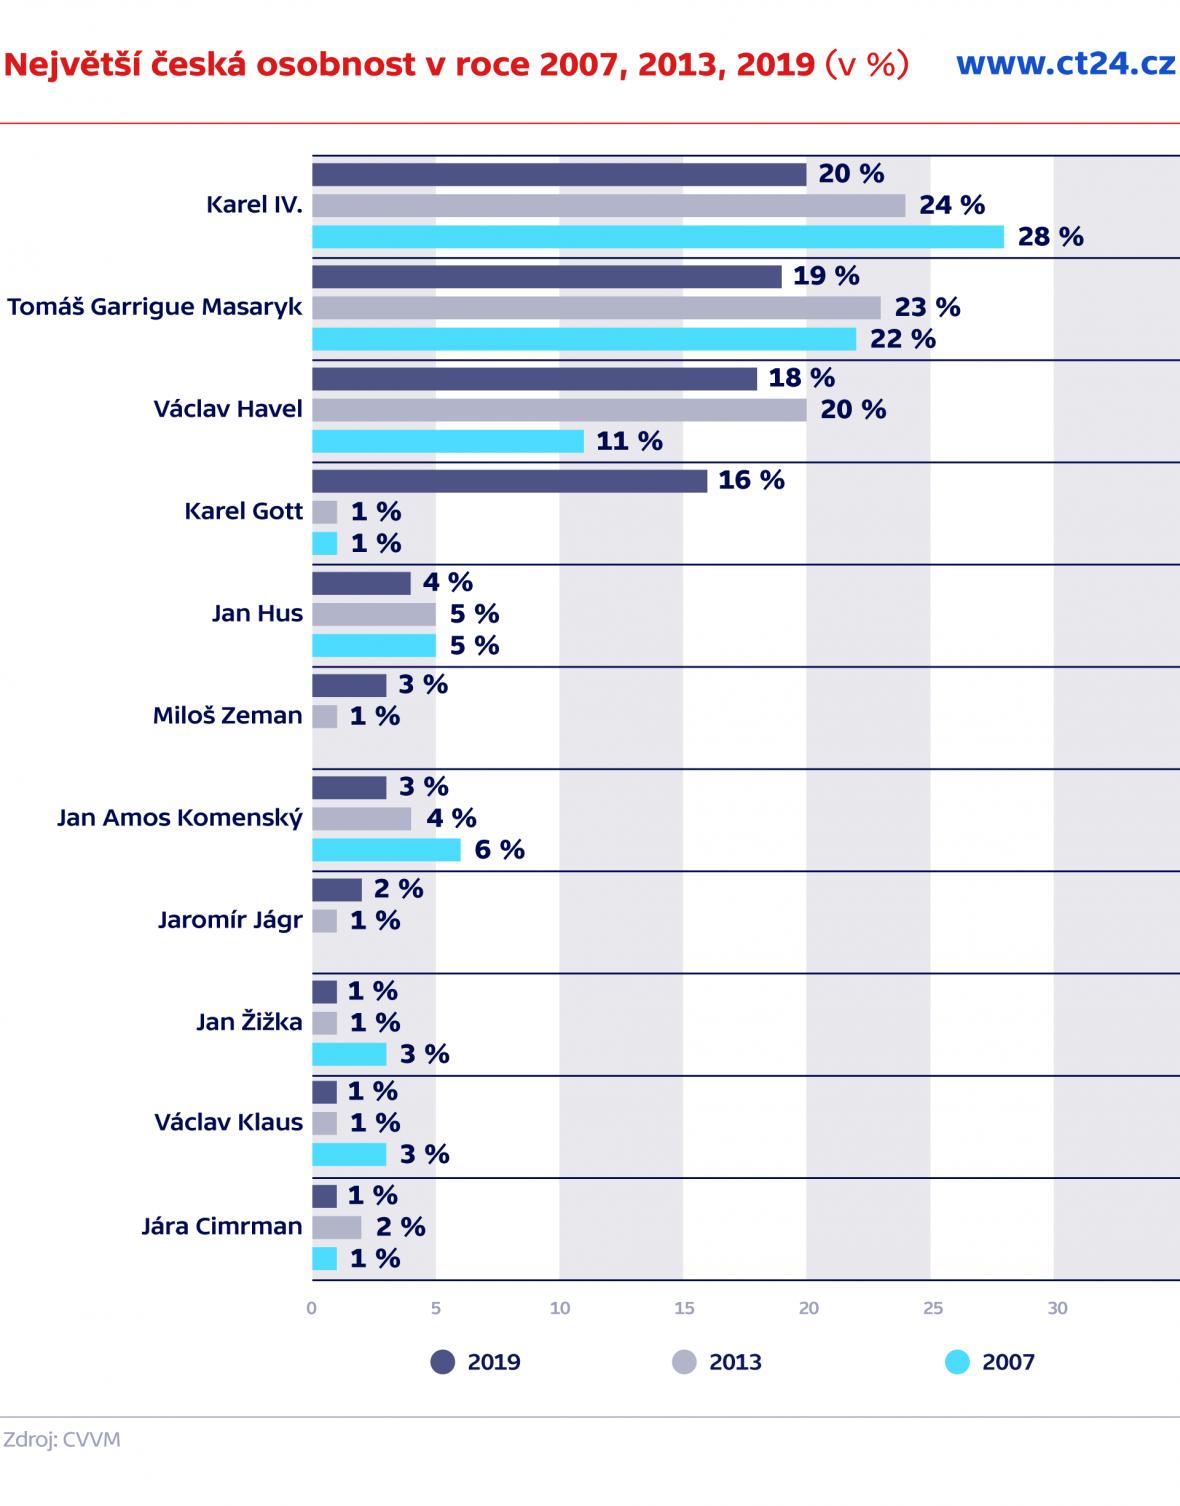 Největší česká osobnost v roce 2007, 2013, 2019 (v %)